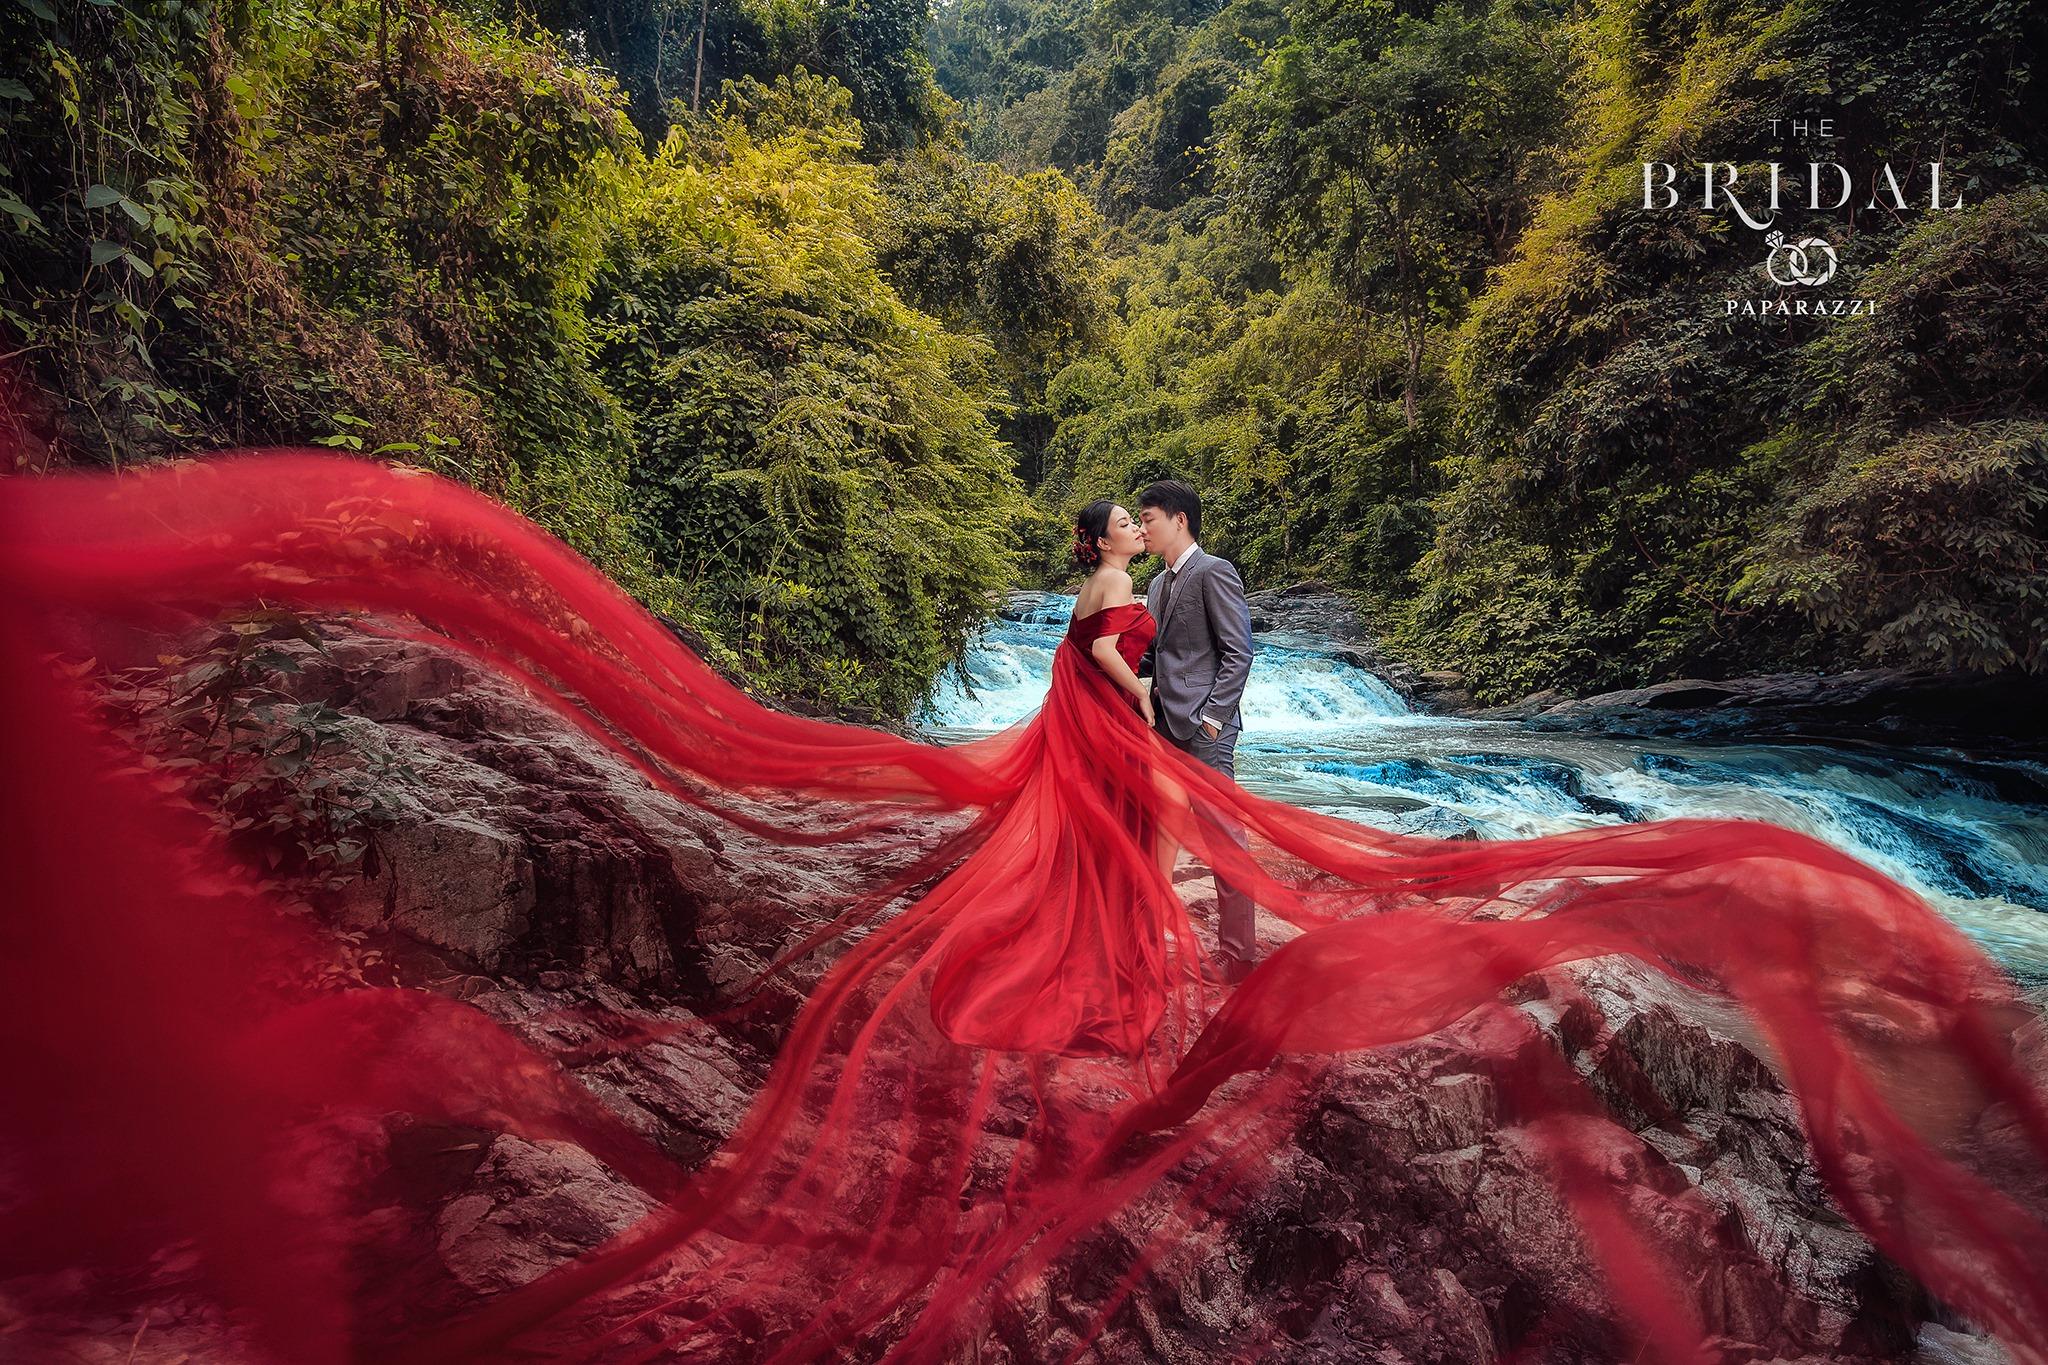 Xếp hạng 8 Studio chụp ảnh cưới đẹp nhất TP. Bảo Lộc, Lâm Đồng - Paparazzi Bridal